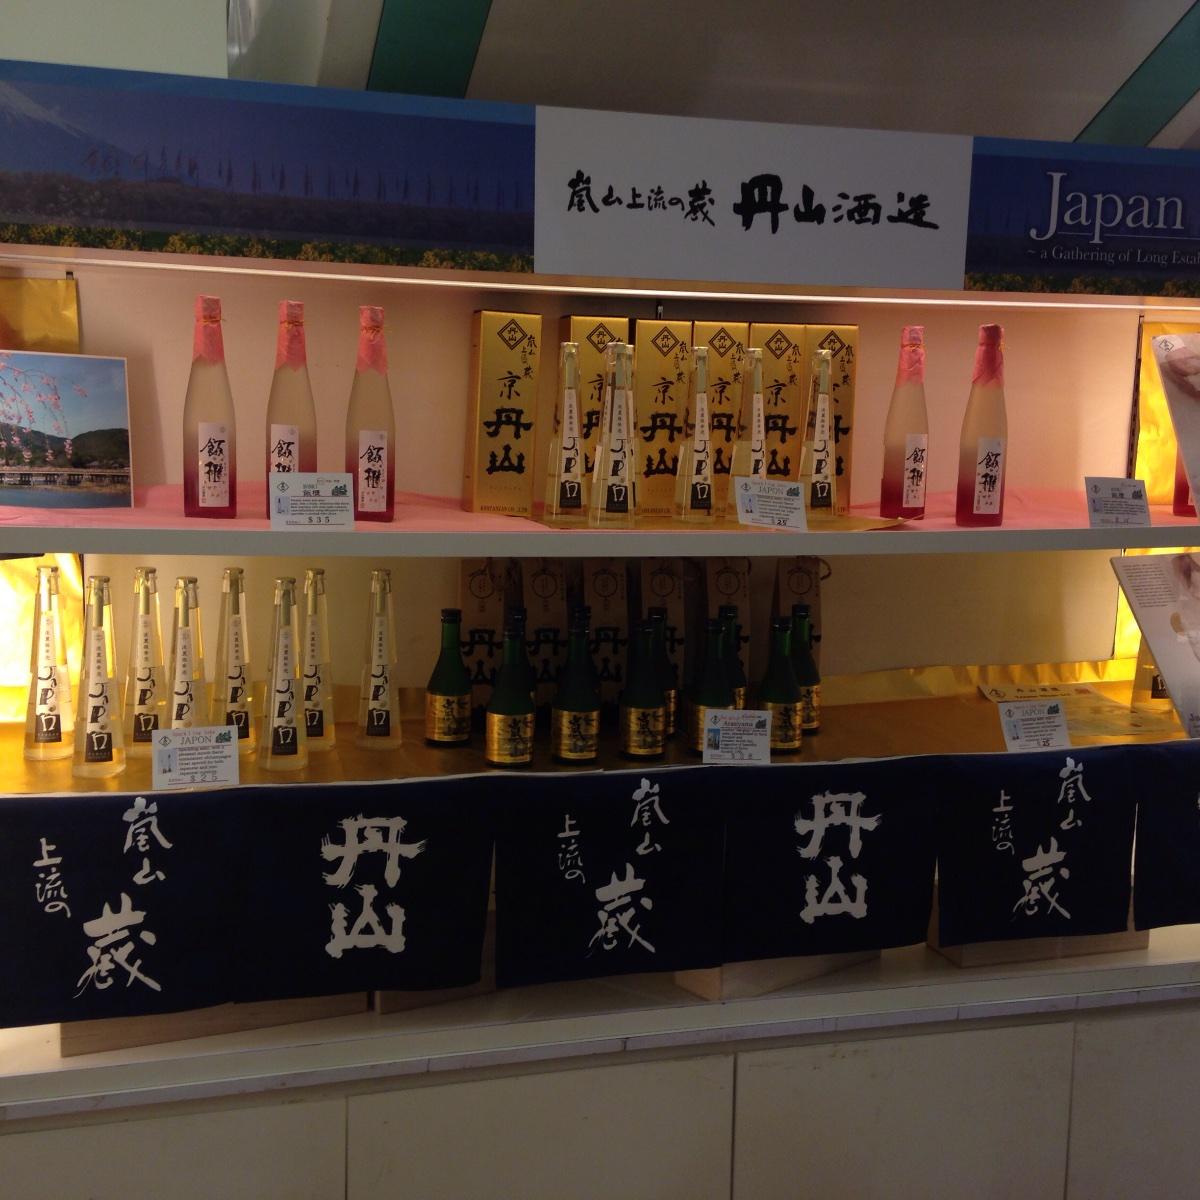 シンガポール高島屋催事出店 丹山酒造様